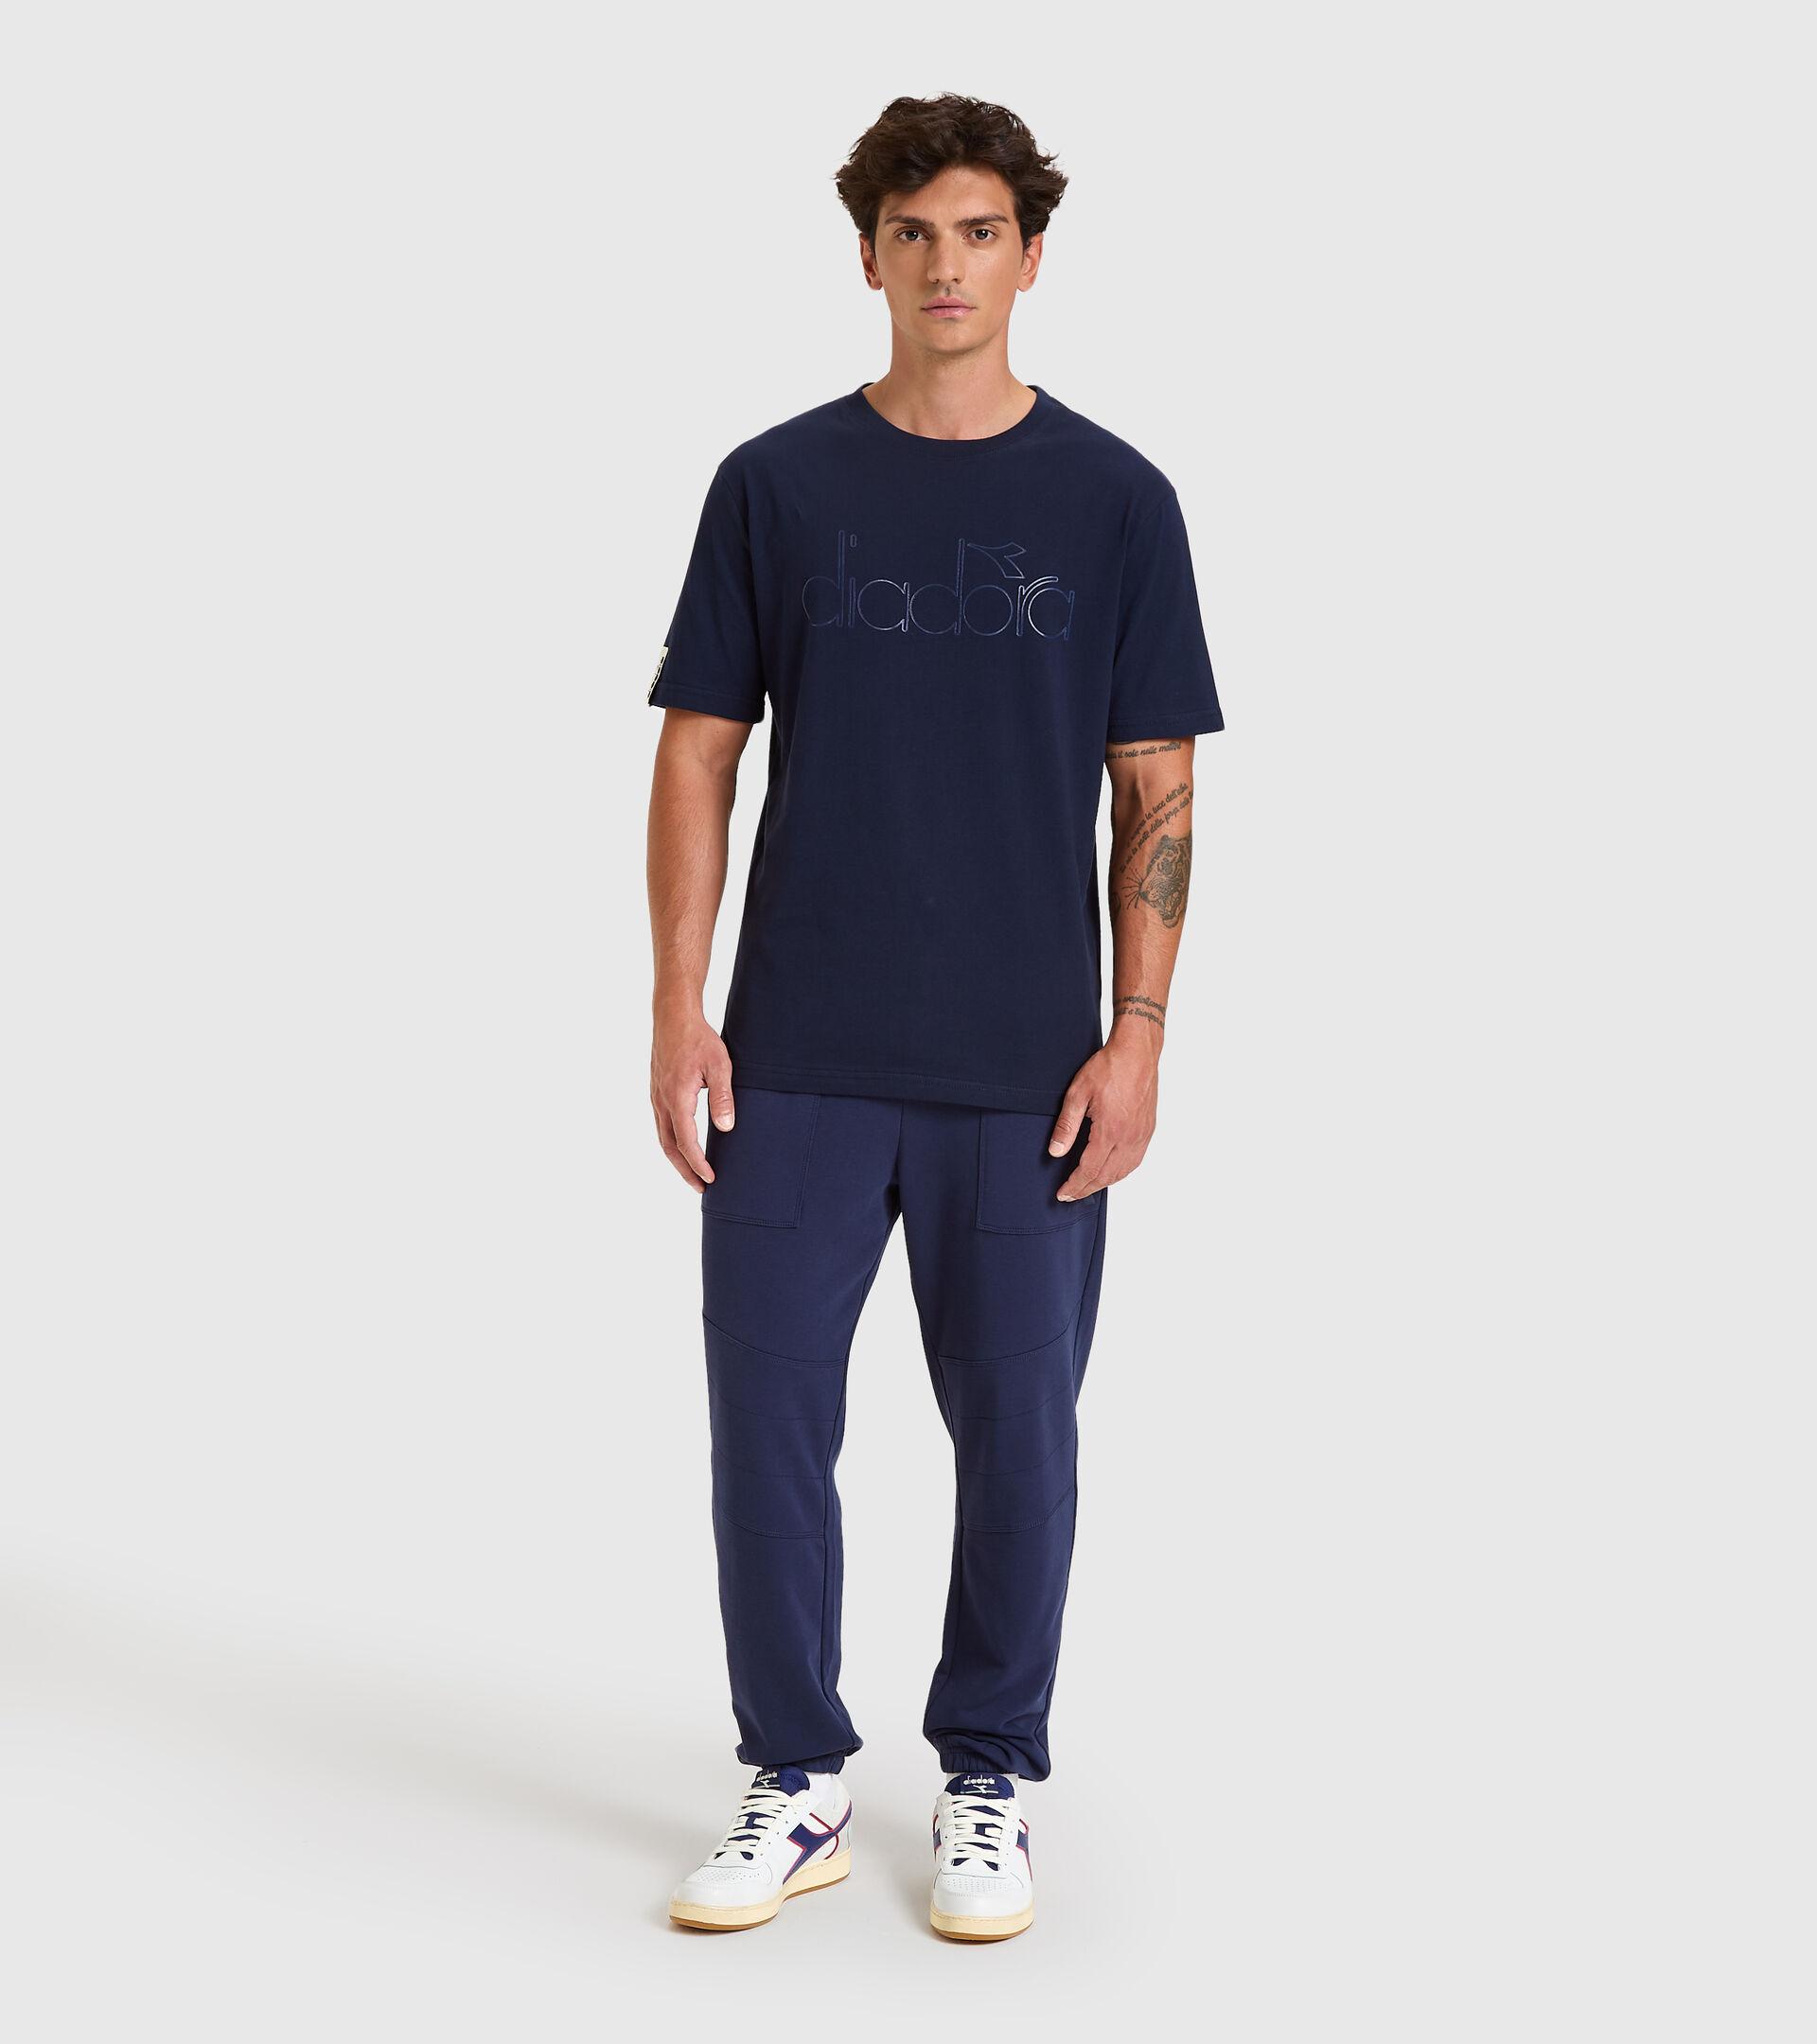 Camiseta - Unisex T-SHIRT SS DIADORA HD AZUL CHAQUETON - Diadora